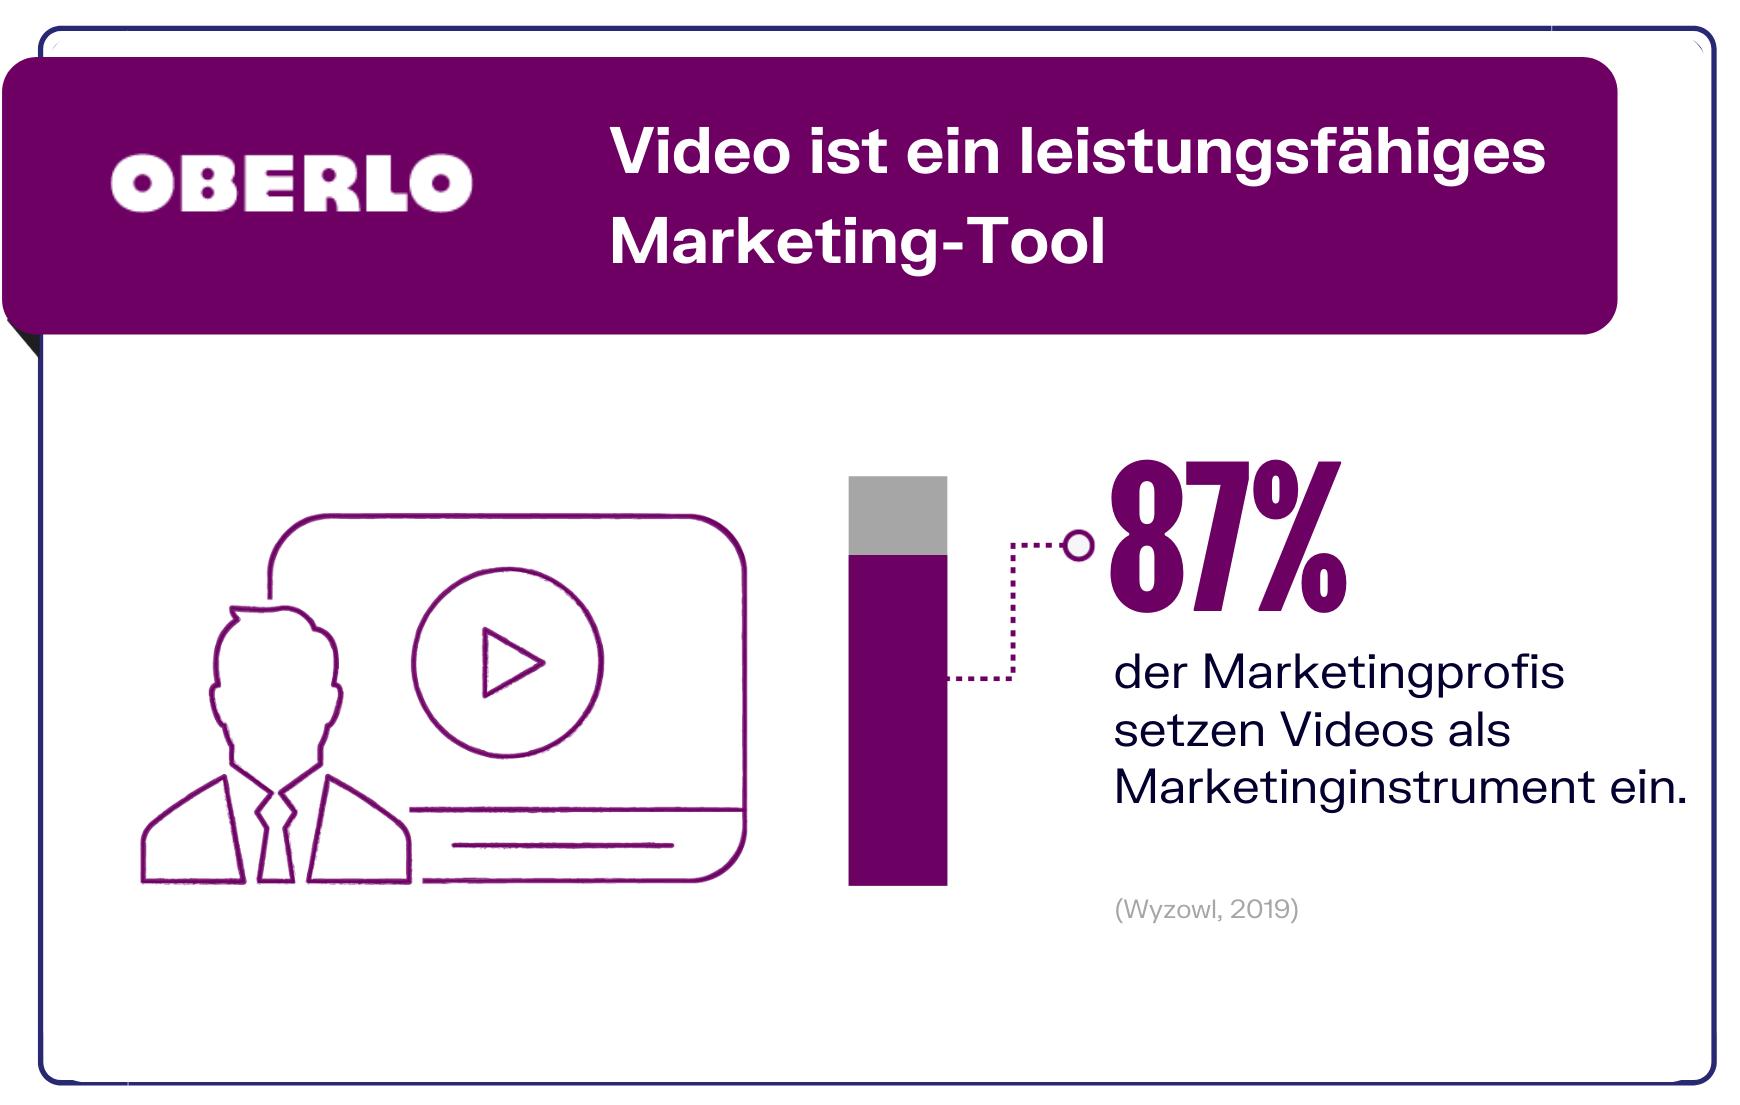 Videos als MArketingtool